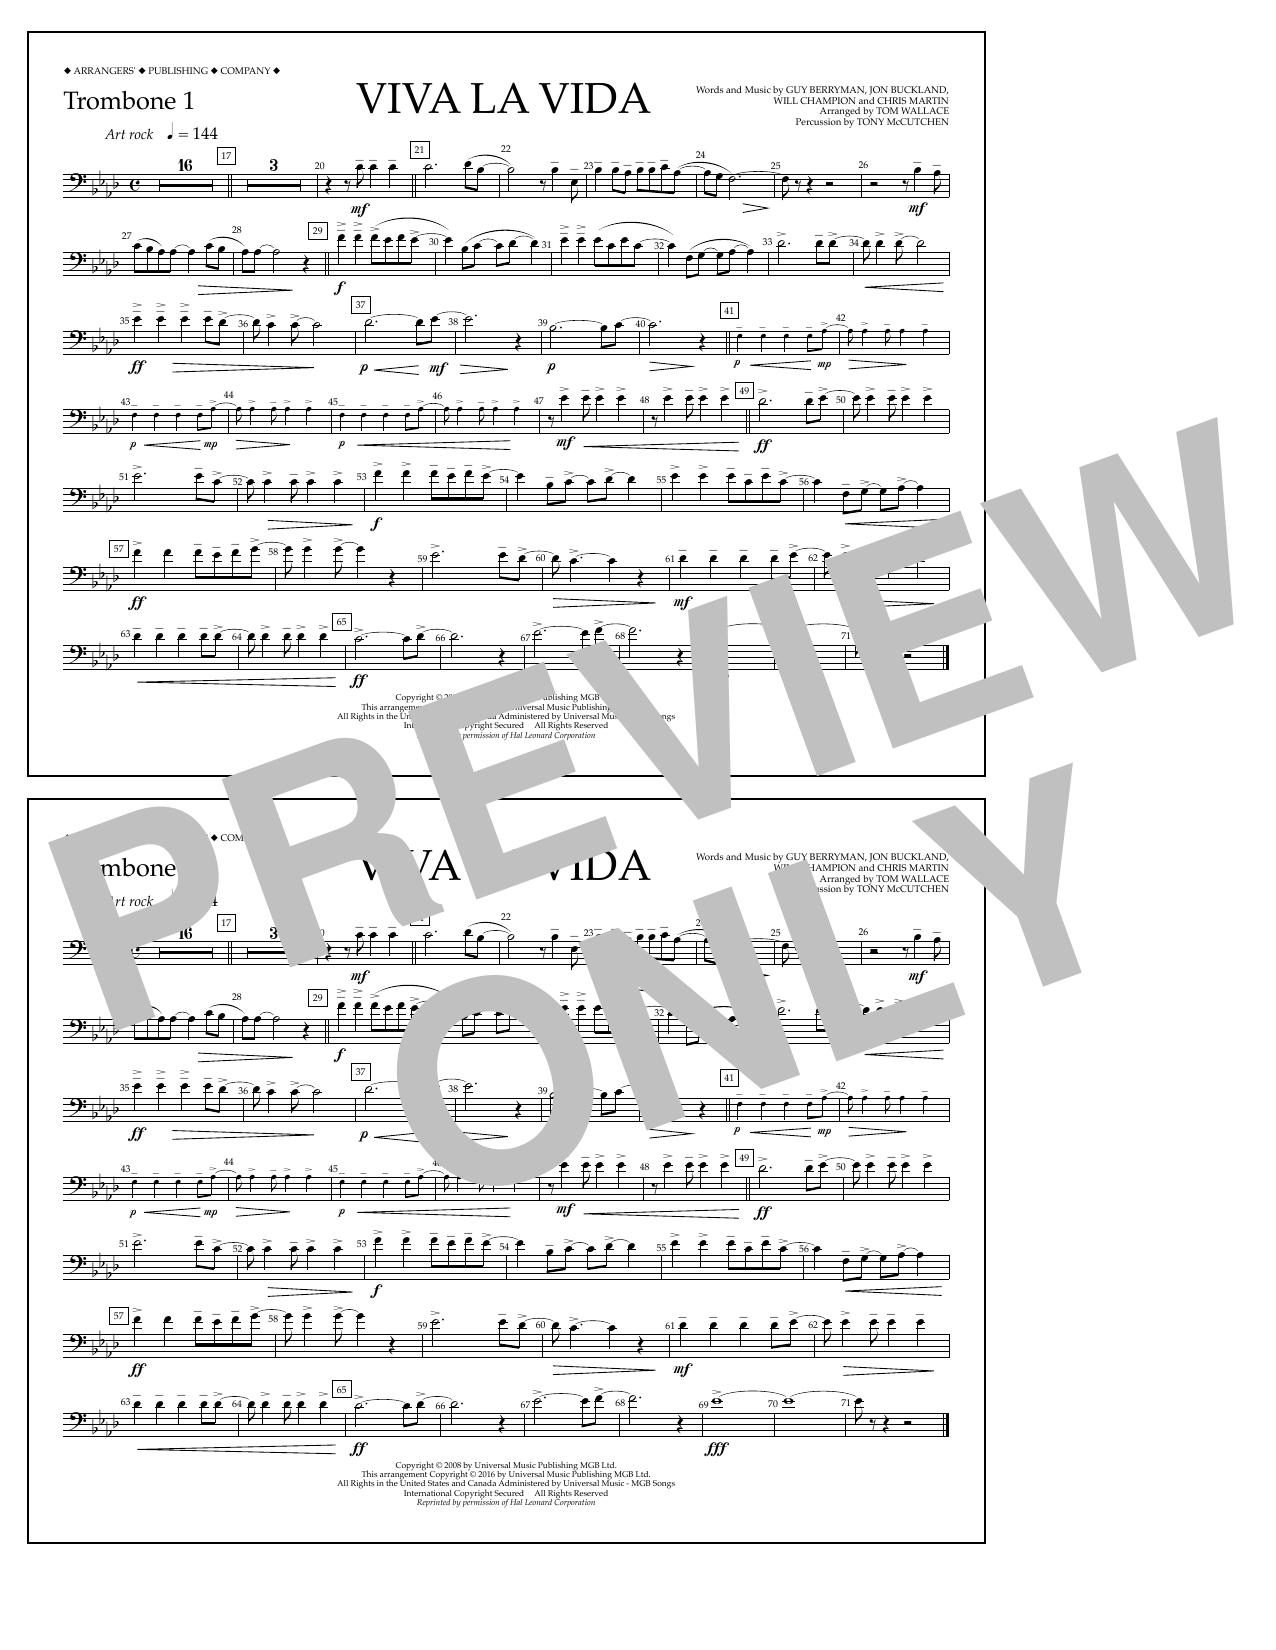 Coldplay - Viva La Vida - Trombone 1